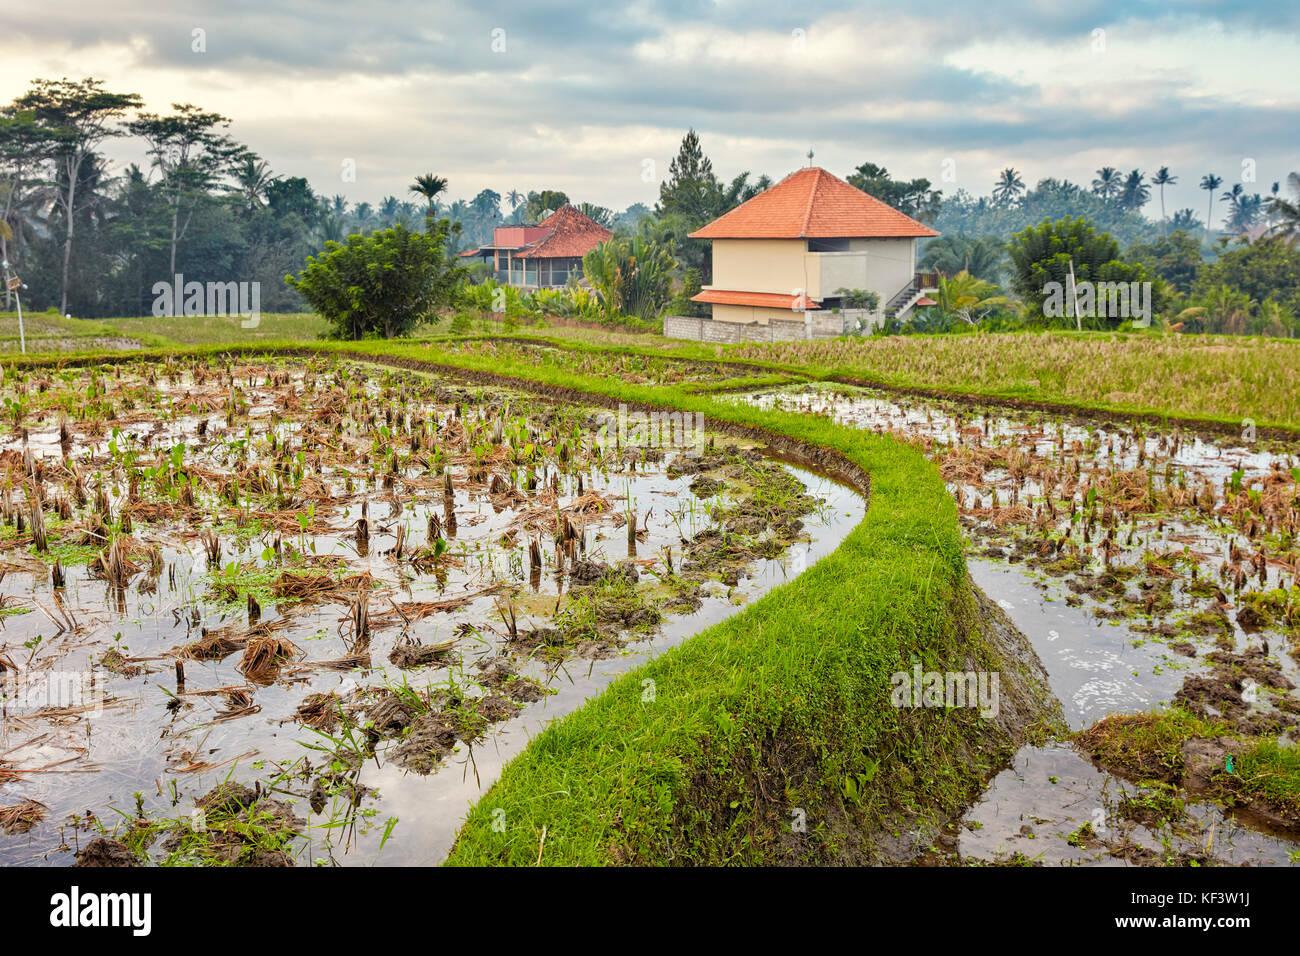 La risaia lungo il crinale campuhan a piedi. Ubud, Bali, Indonesia. Immagini Stock